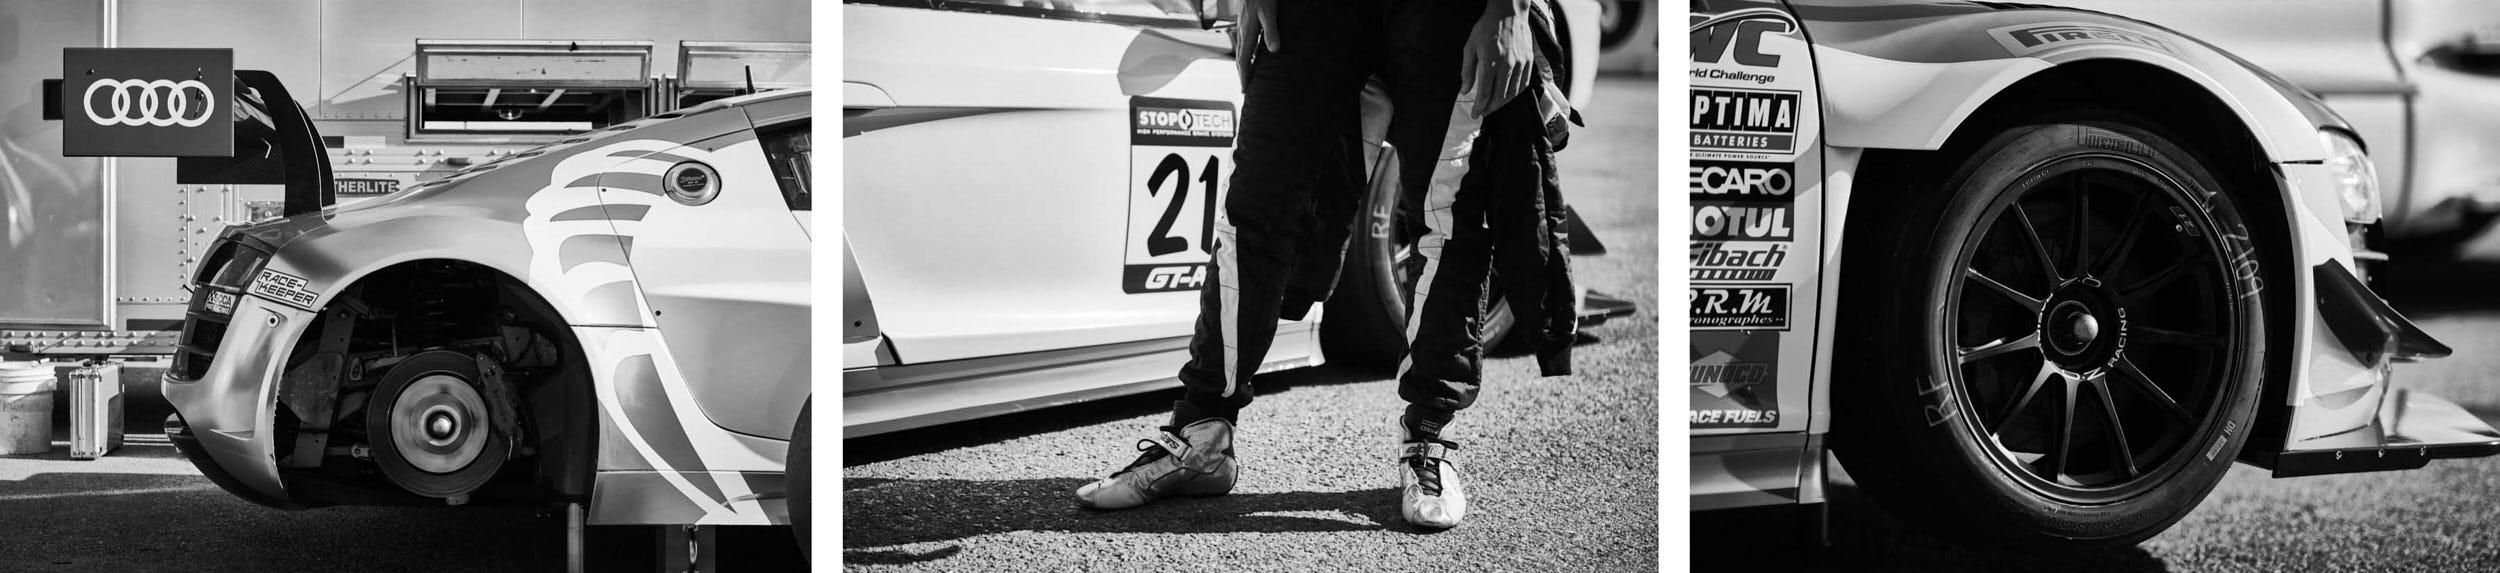 tryp-12..racing.jpg